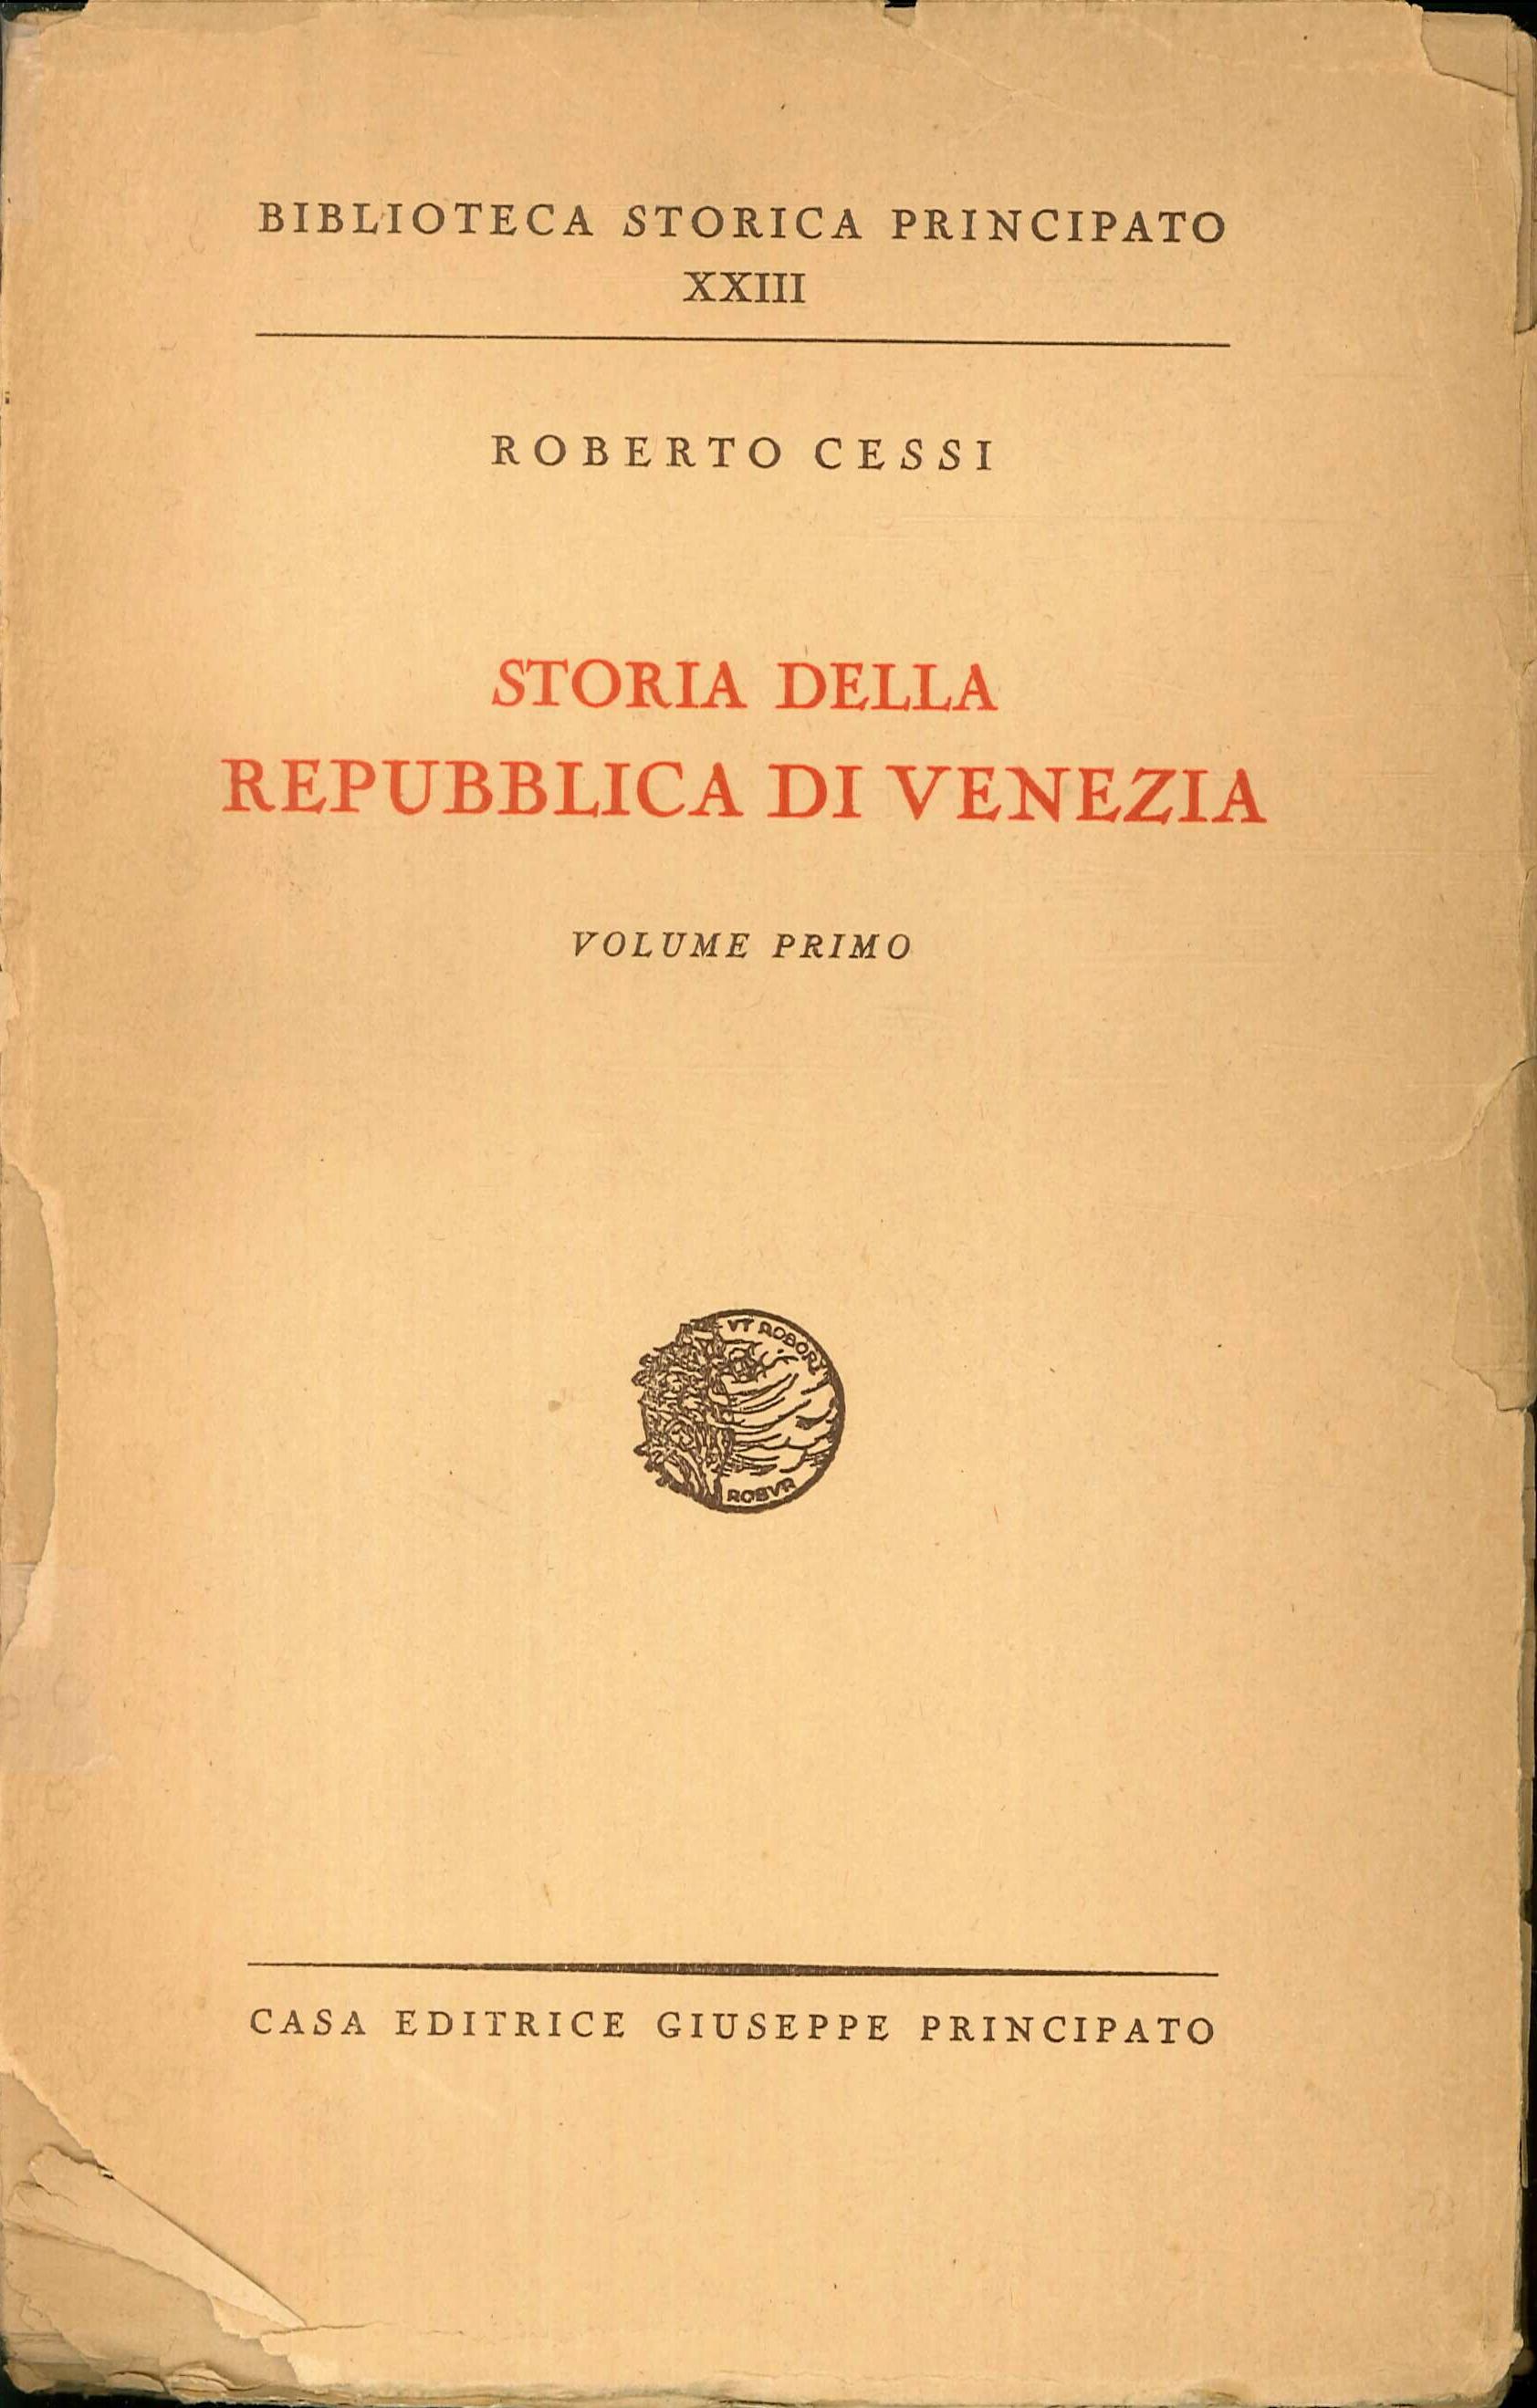 Storia della Repubblica di Venezia. Volumi 1 - 2